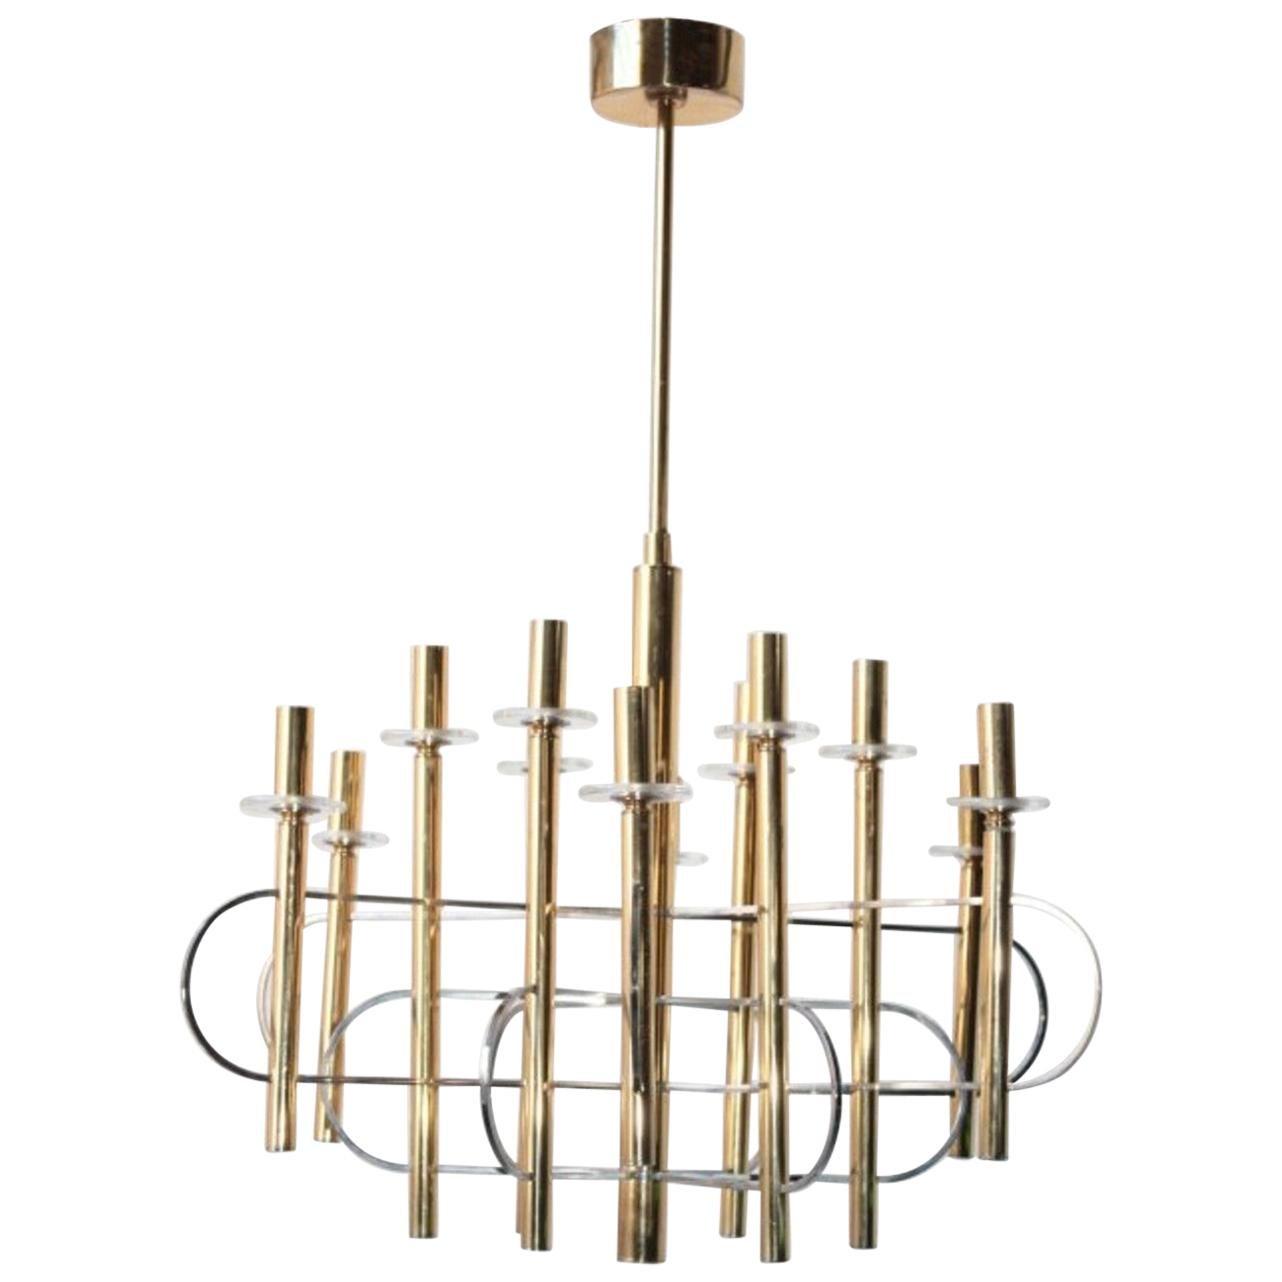 Modernist Gold Chandelier 1960s by Gaetano Sciolari